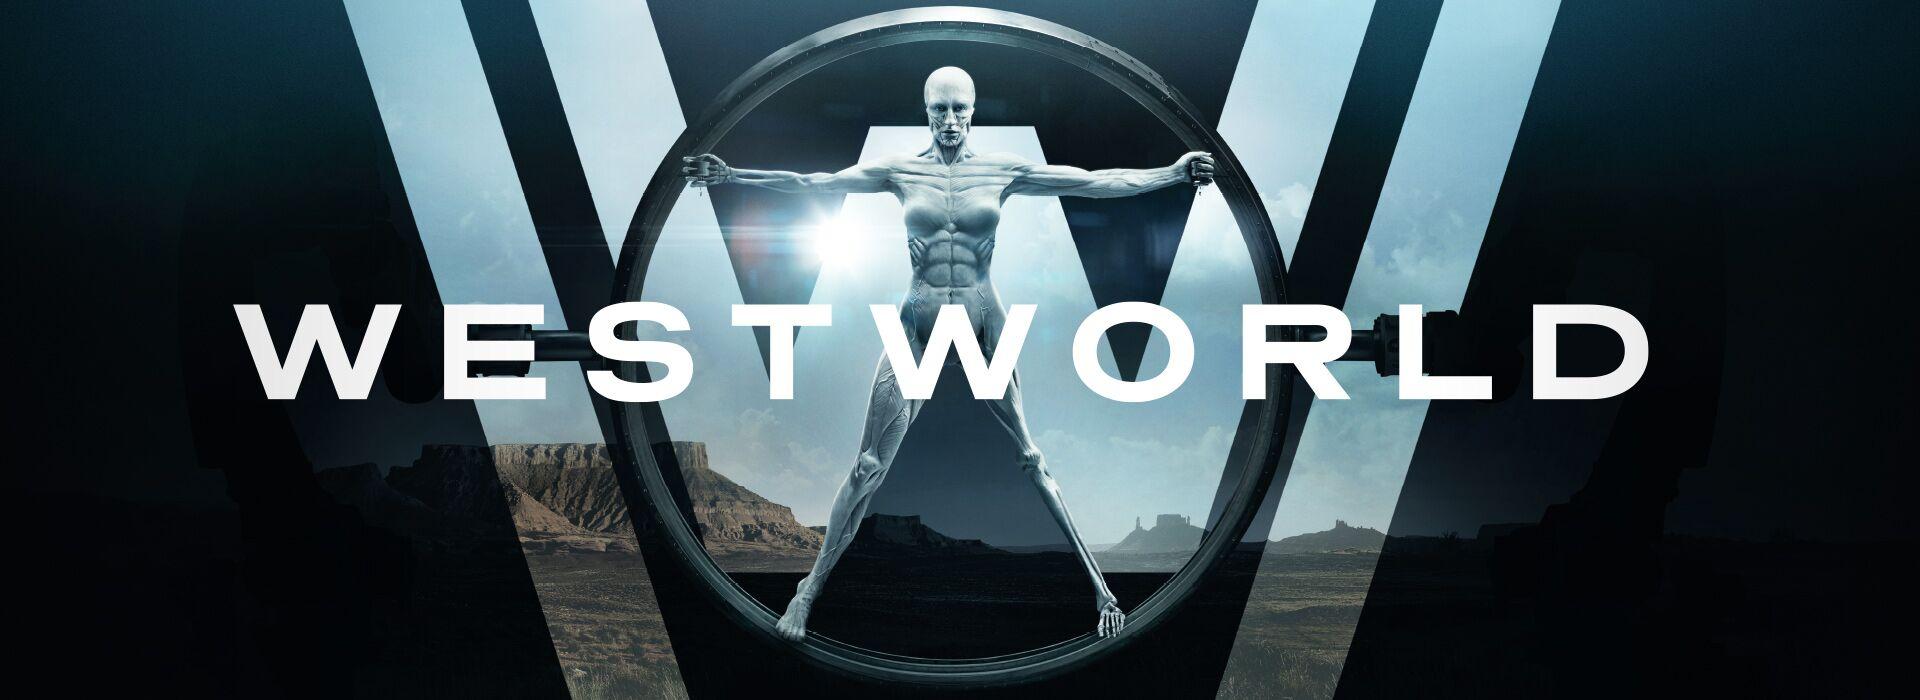 westworld series premiere live stream watch online